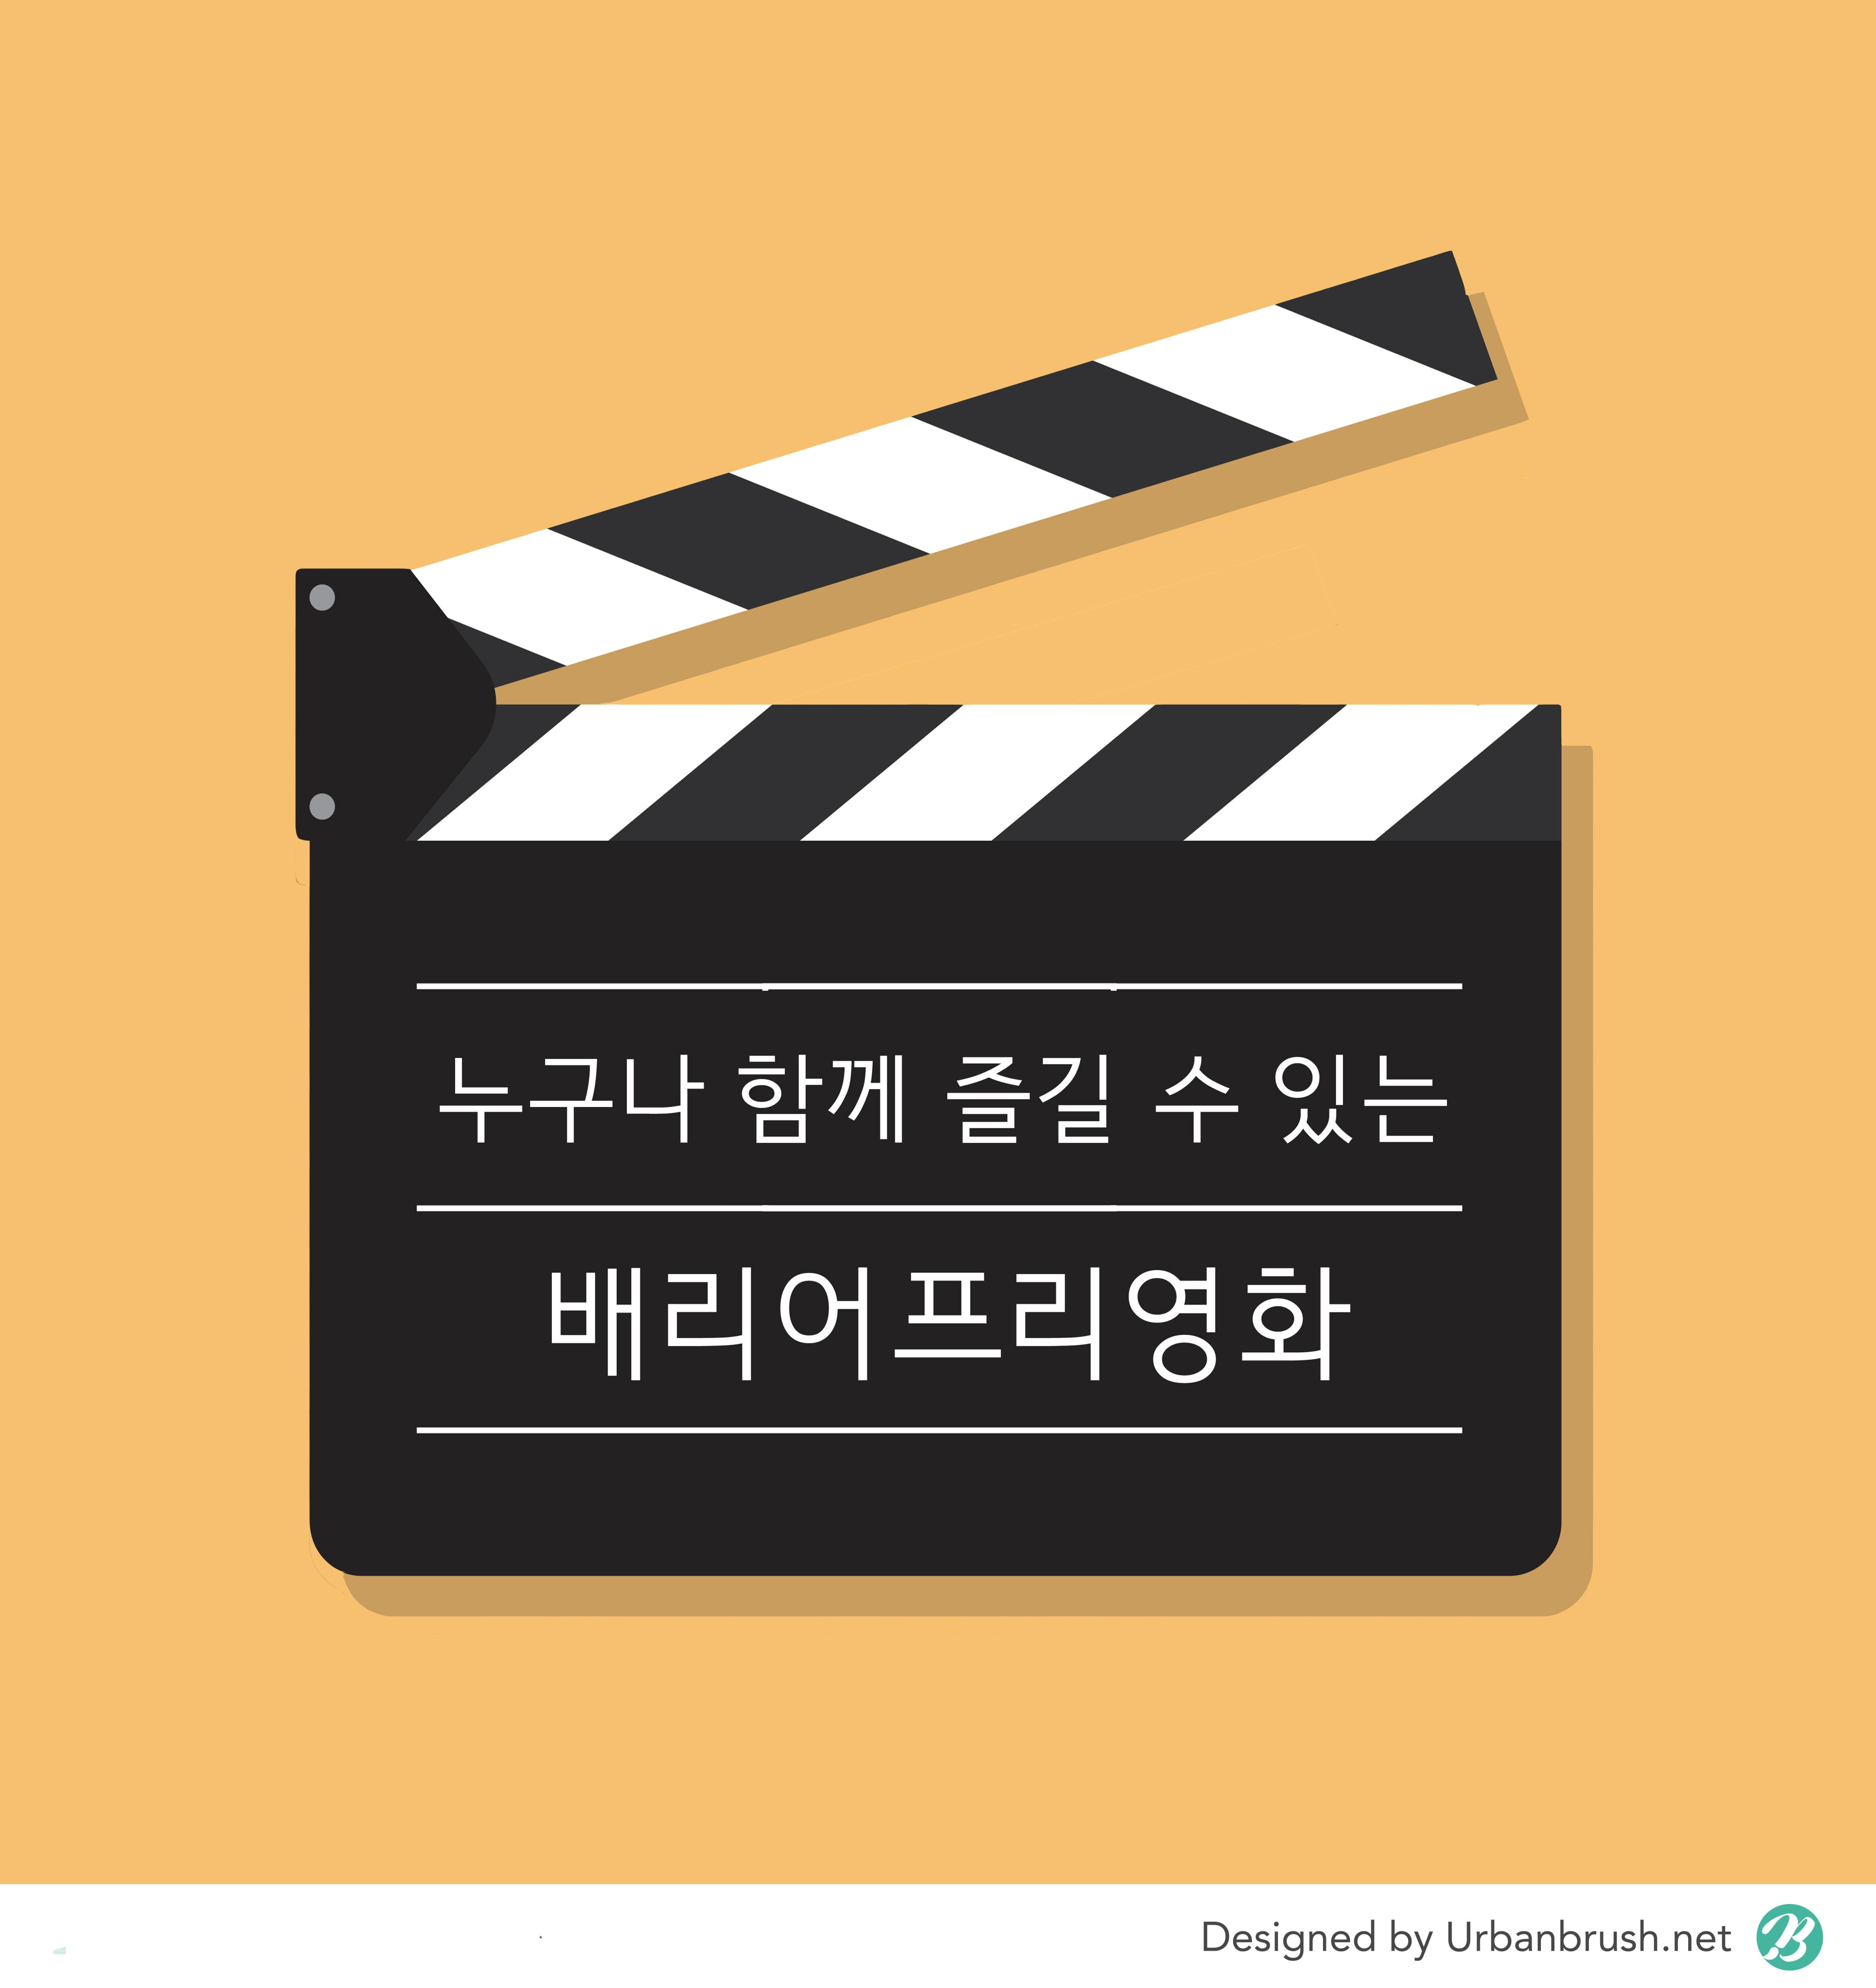 누구나 함께 즐길 수 있는 영화 배리어프리영화